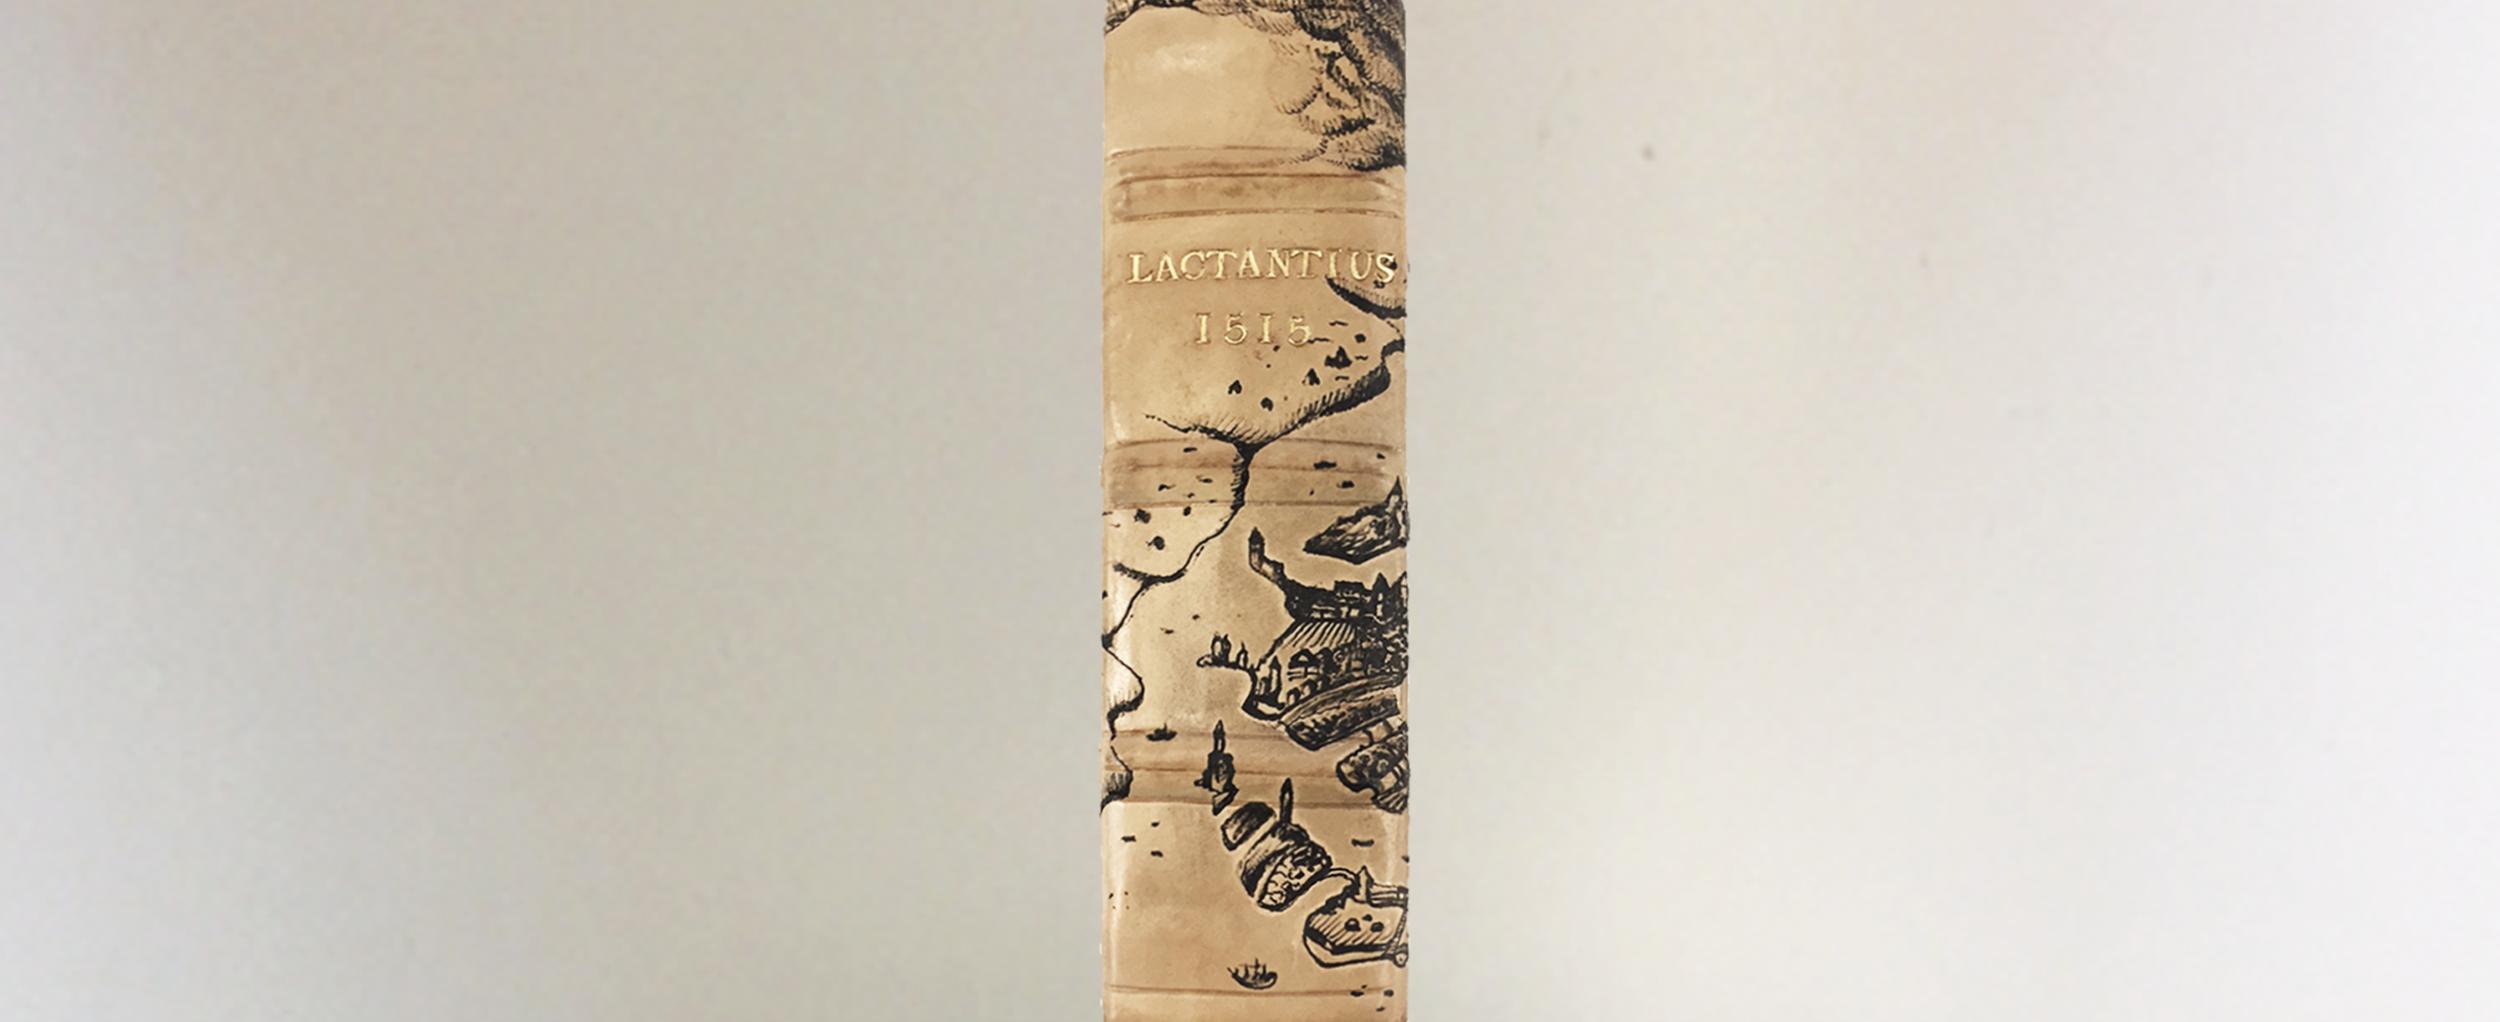 Lactantius-spine.png